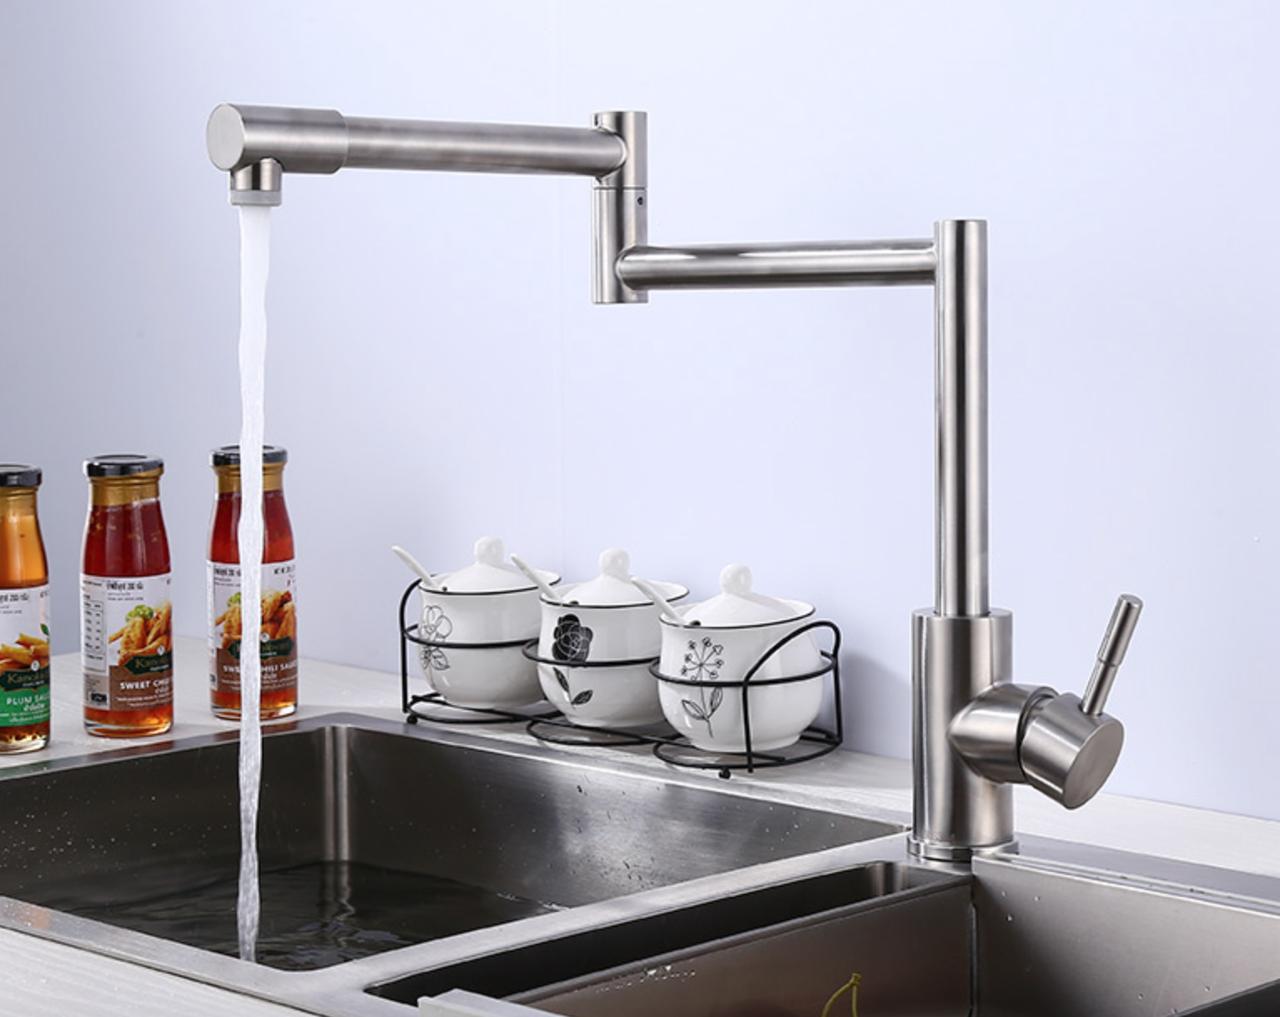 Змішувач для кухні. Модель RD-202-5